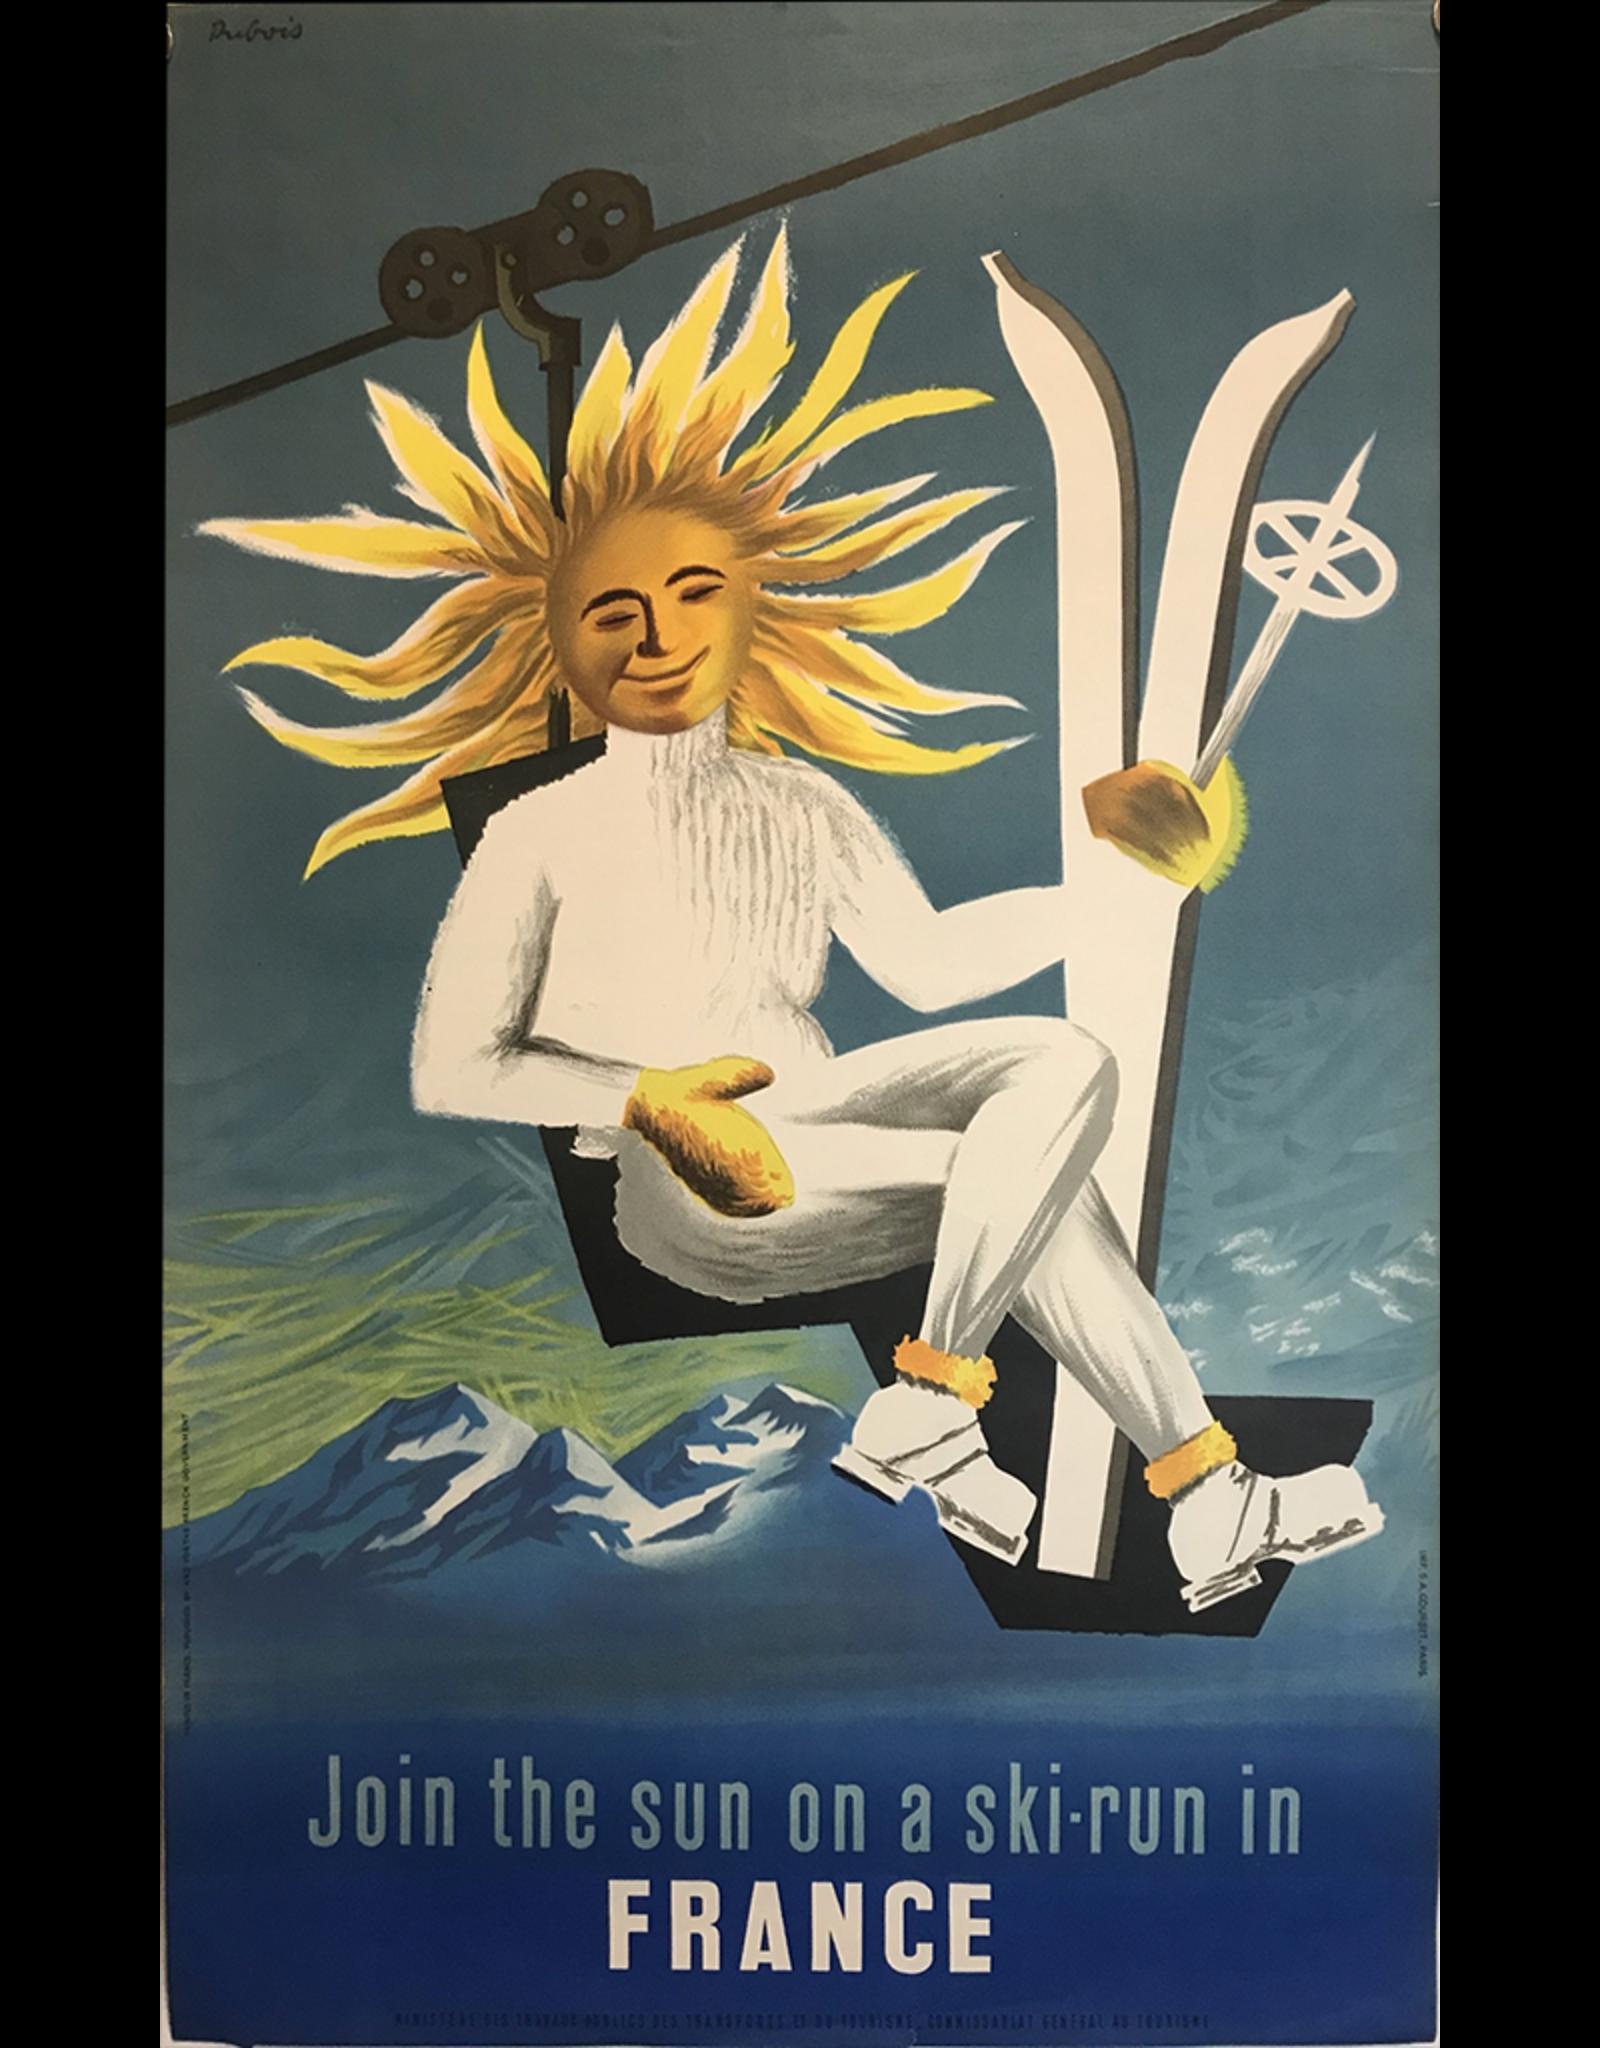 SPV Join the sun on a ski-run in FRANCE